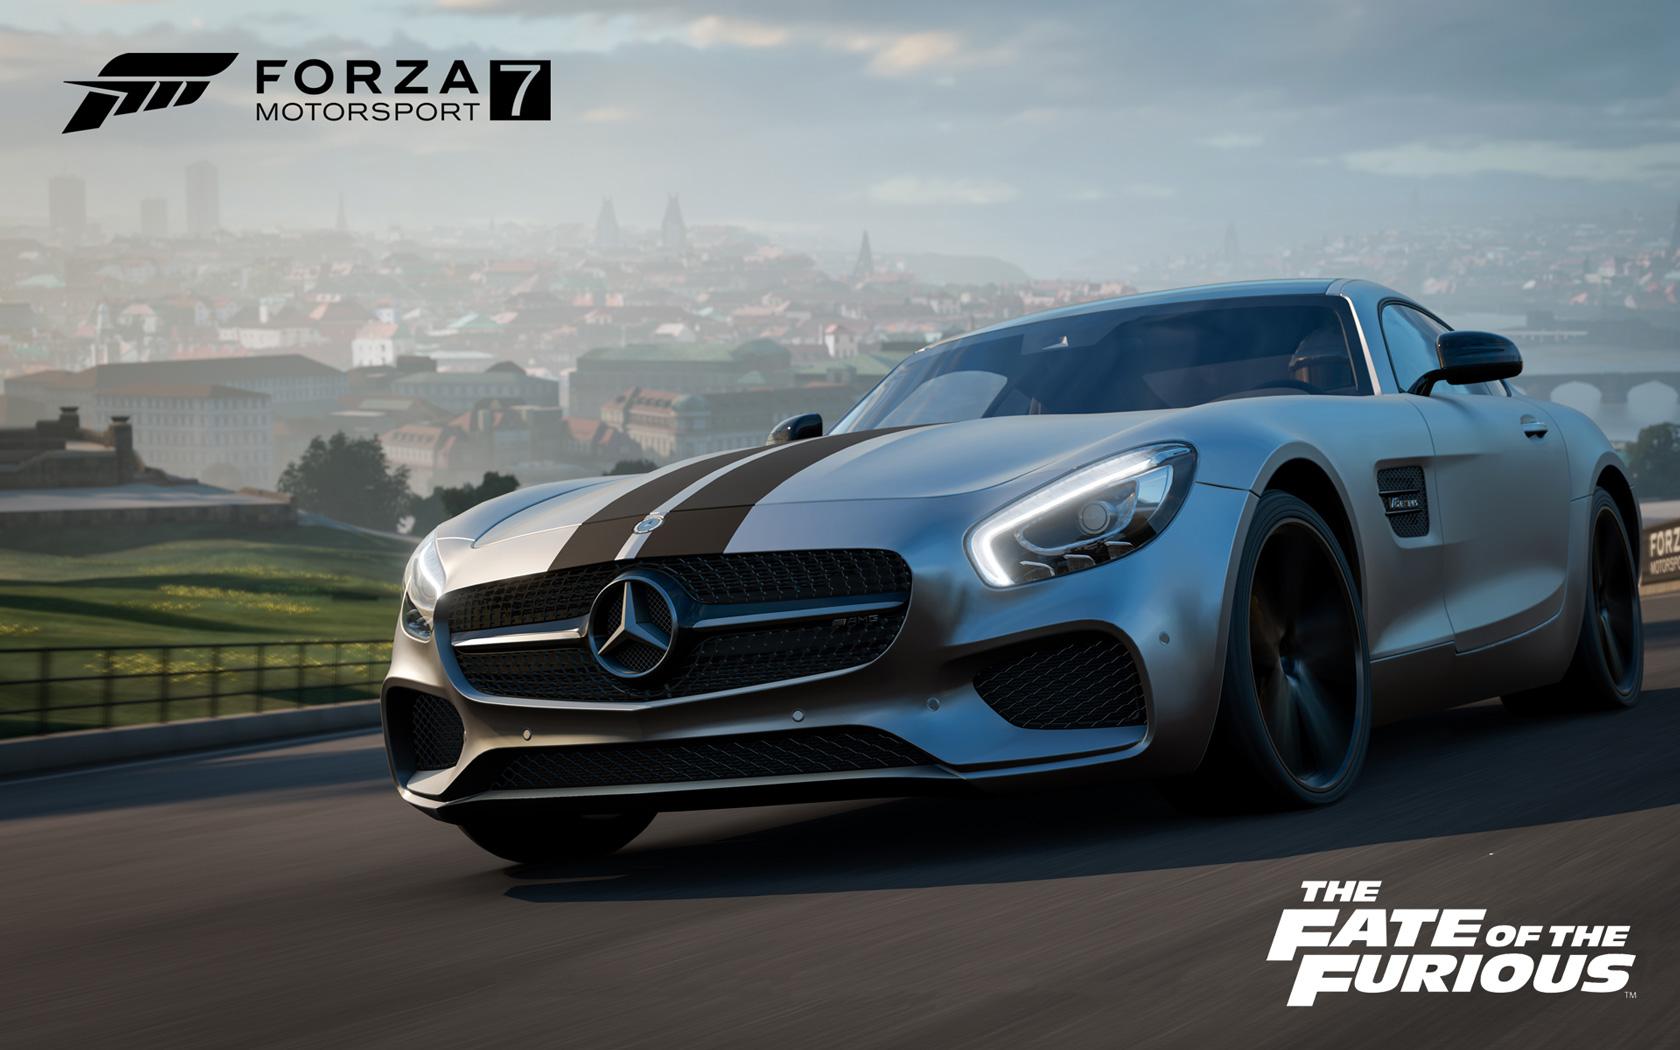 Free Forza Motorsport 7 Wallpaper in 1680x1050